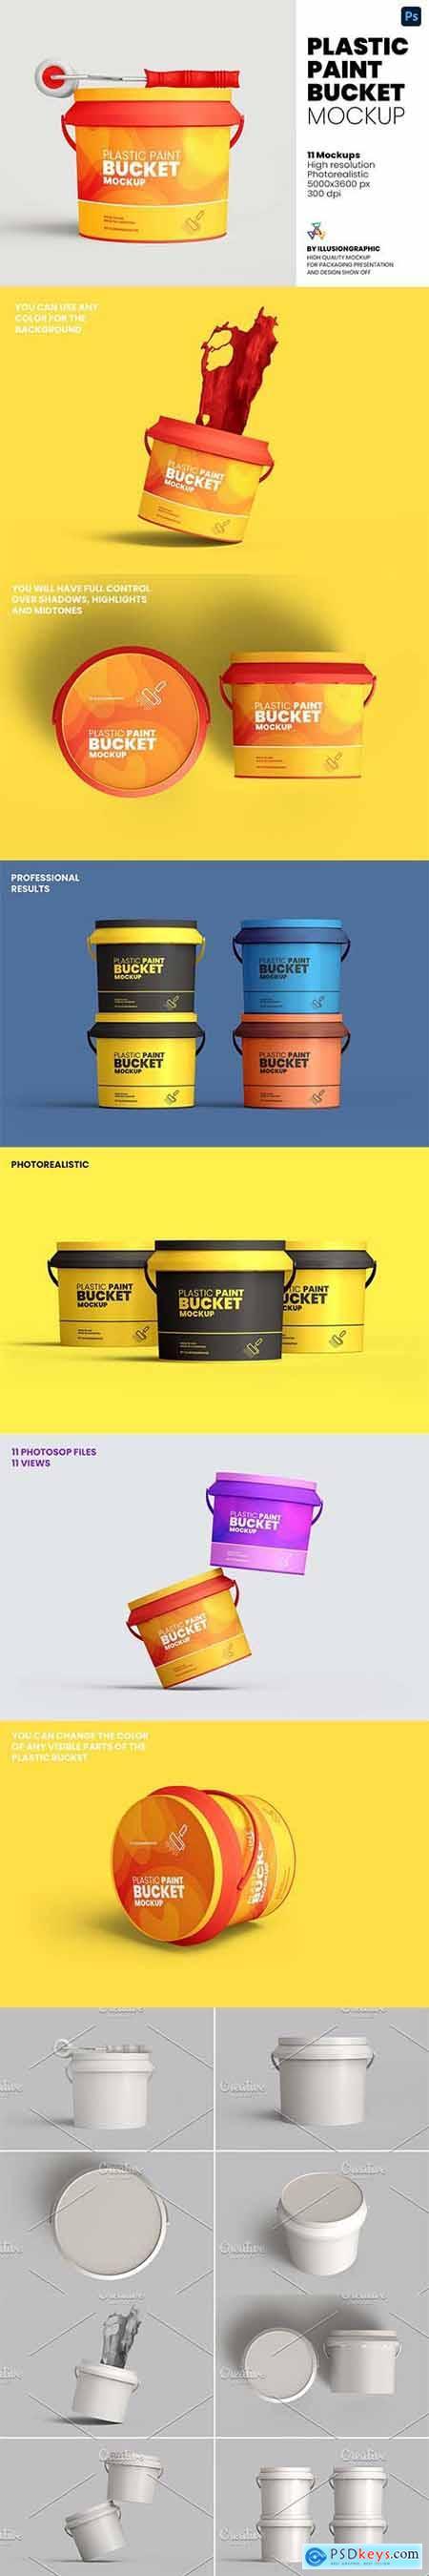 Plastic Paint Bucket Mockup 5976024